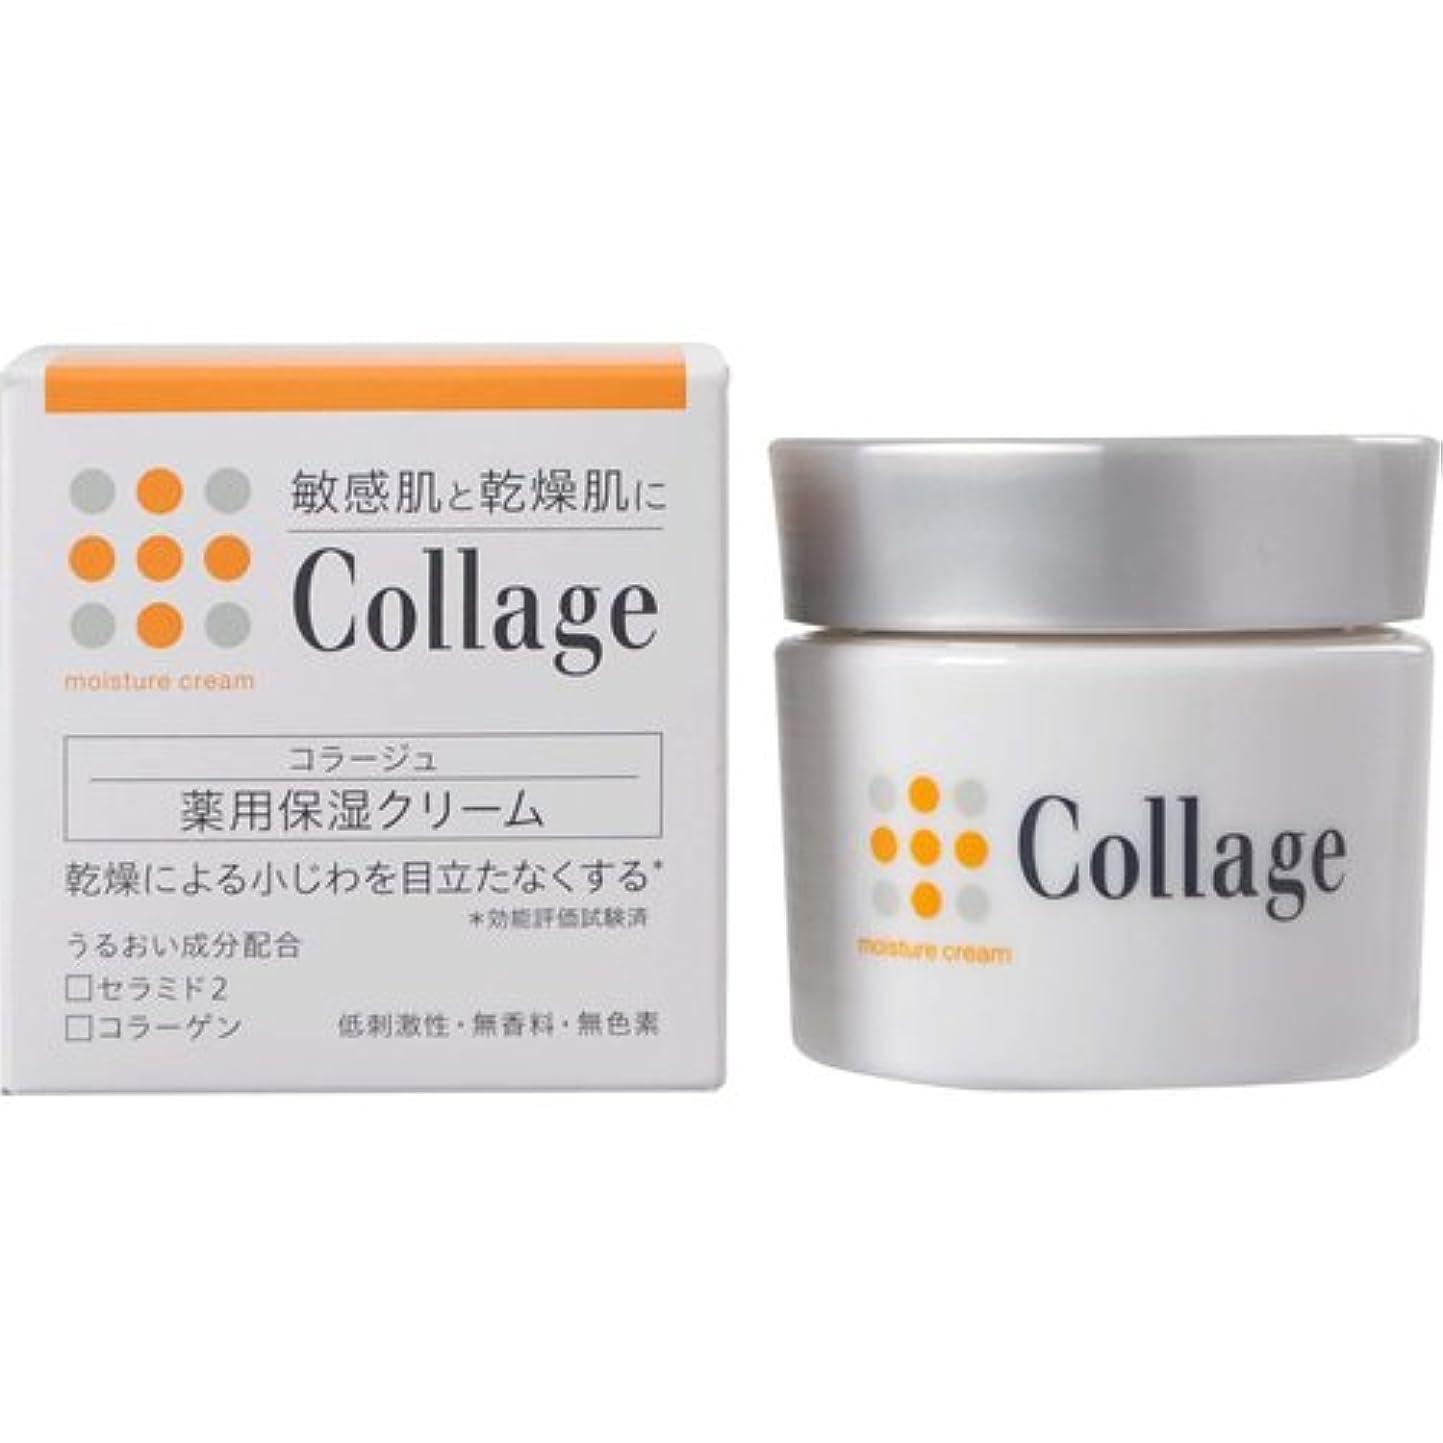 繁栄する赤ちゃんモッキンバードコラージュ 薬用保湿クリーム 30g 【医薬部外品】